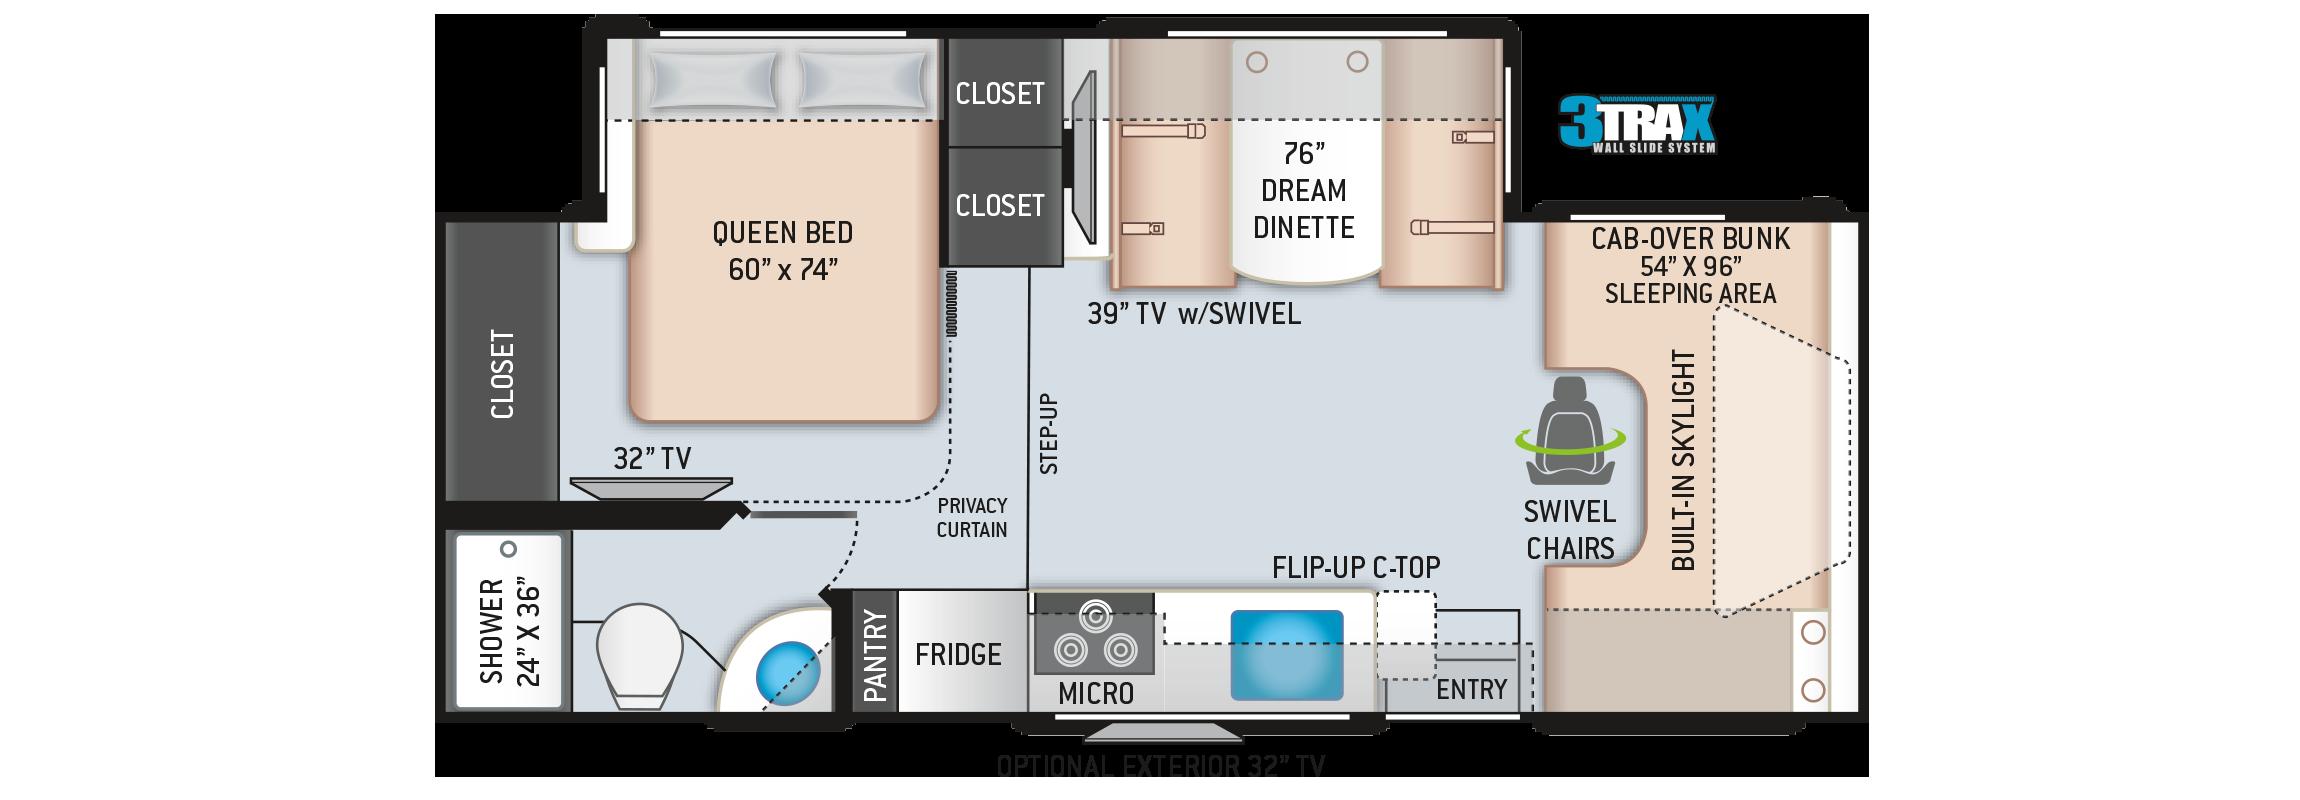 Quantum Class C RV Floor Plan RC25